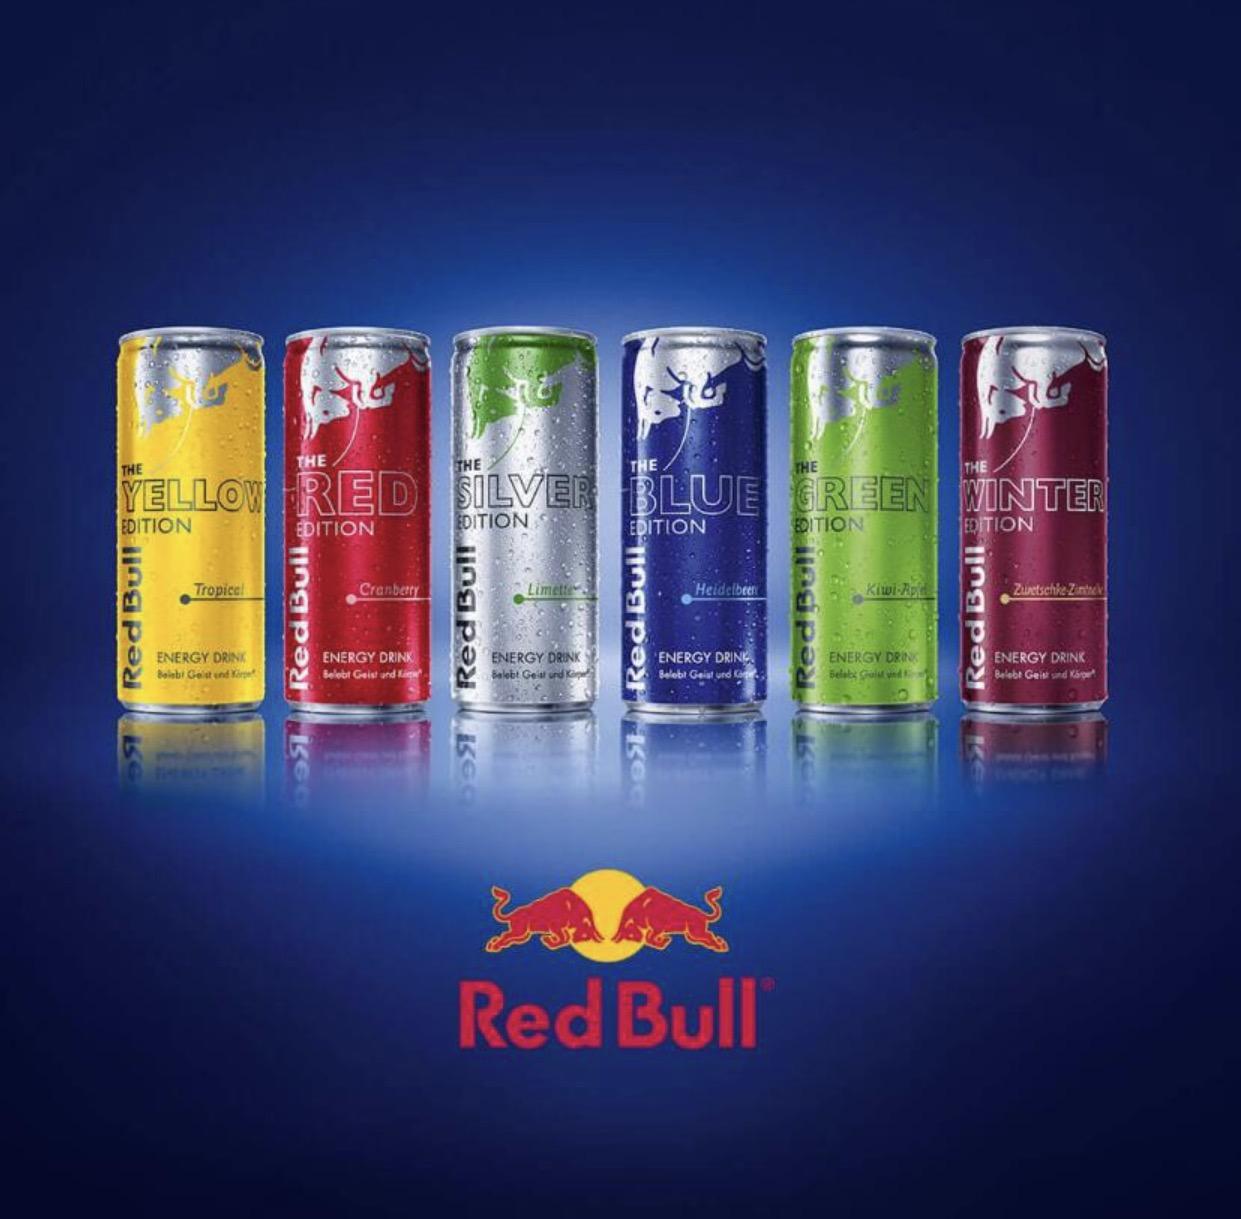 Marktguru App: 10x 0,50 € Cashback auf Red Bull Editions - bis 8.1.2017